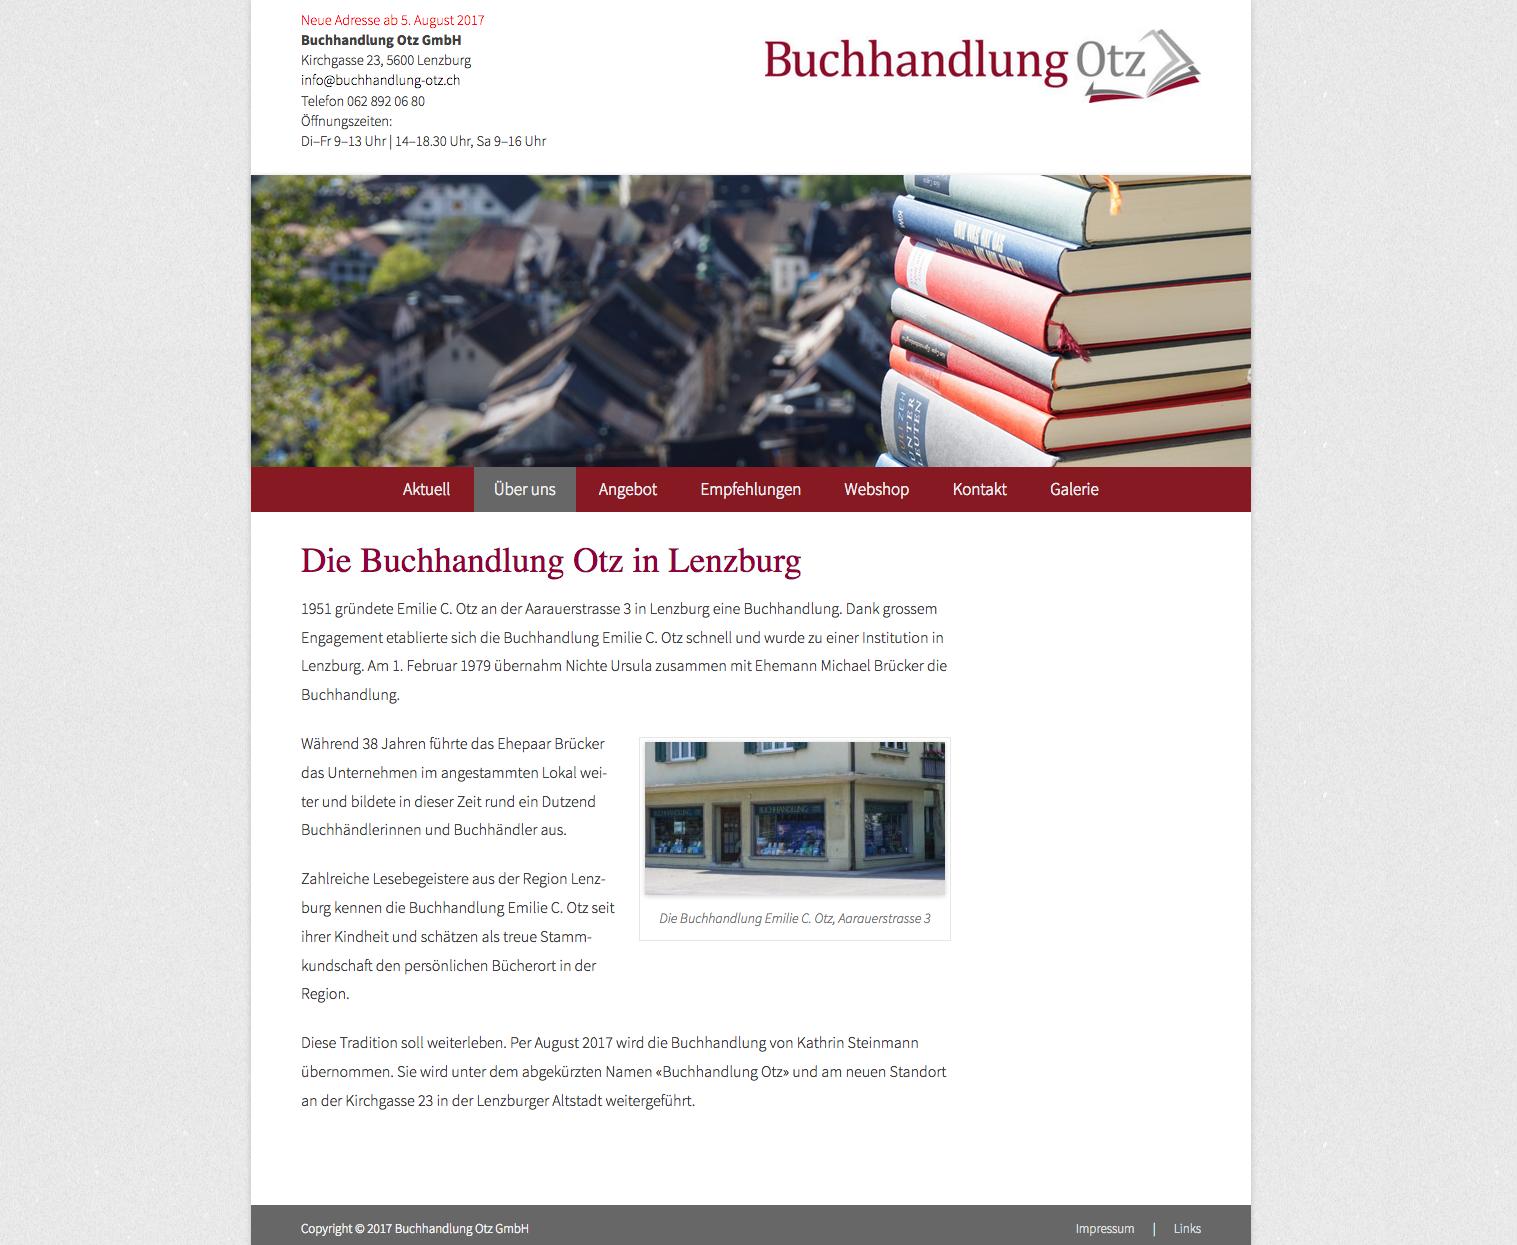 Buchhandlung Otz, Lenzburg